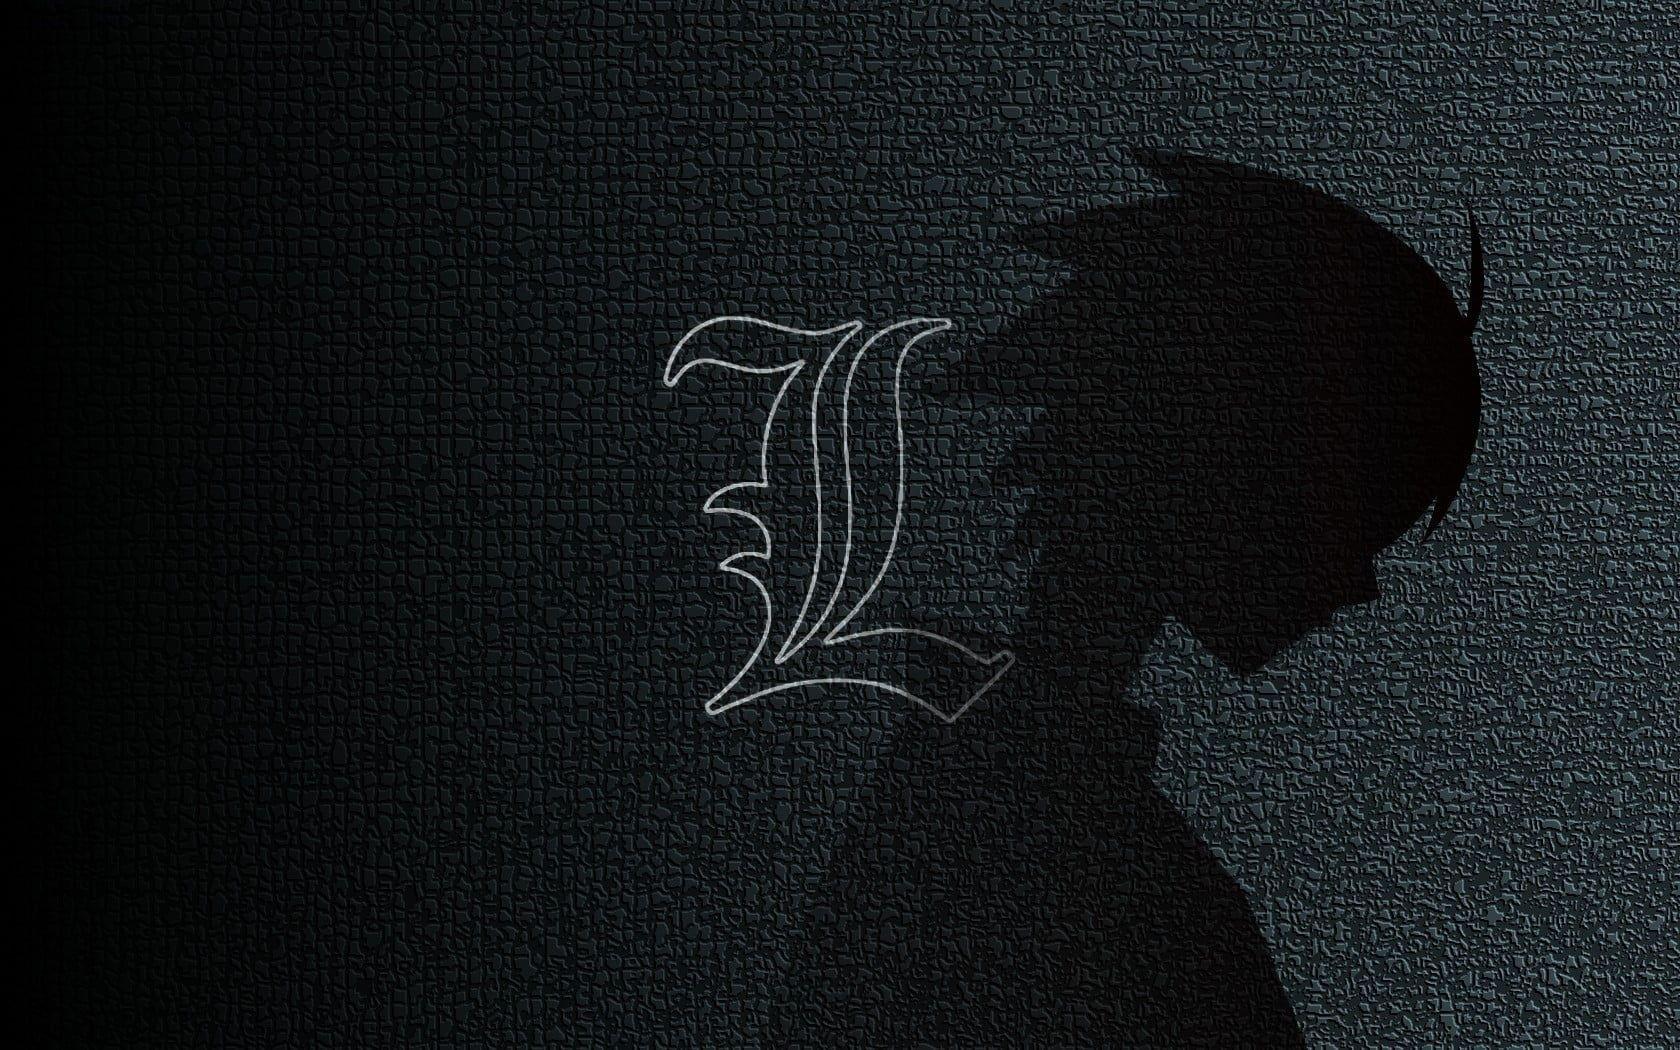 L Lawliet Death Note Lawliet L 720p Wallpaper Hdwallpaper Desktop Dovmeli Kadin Anime Kadin